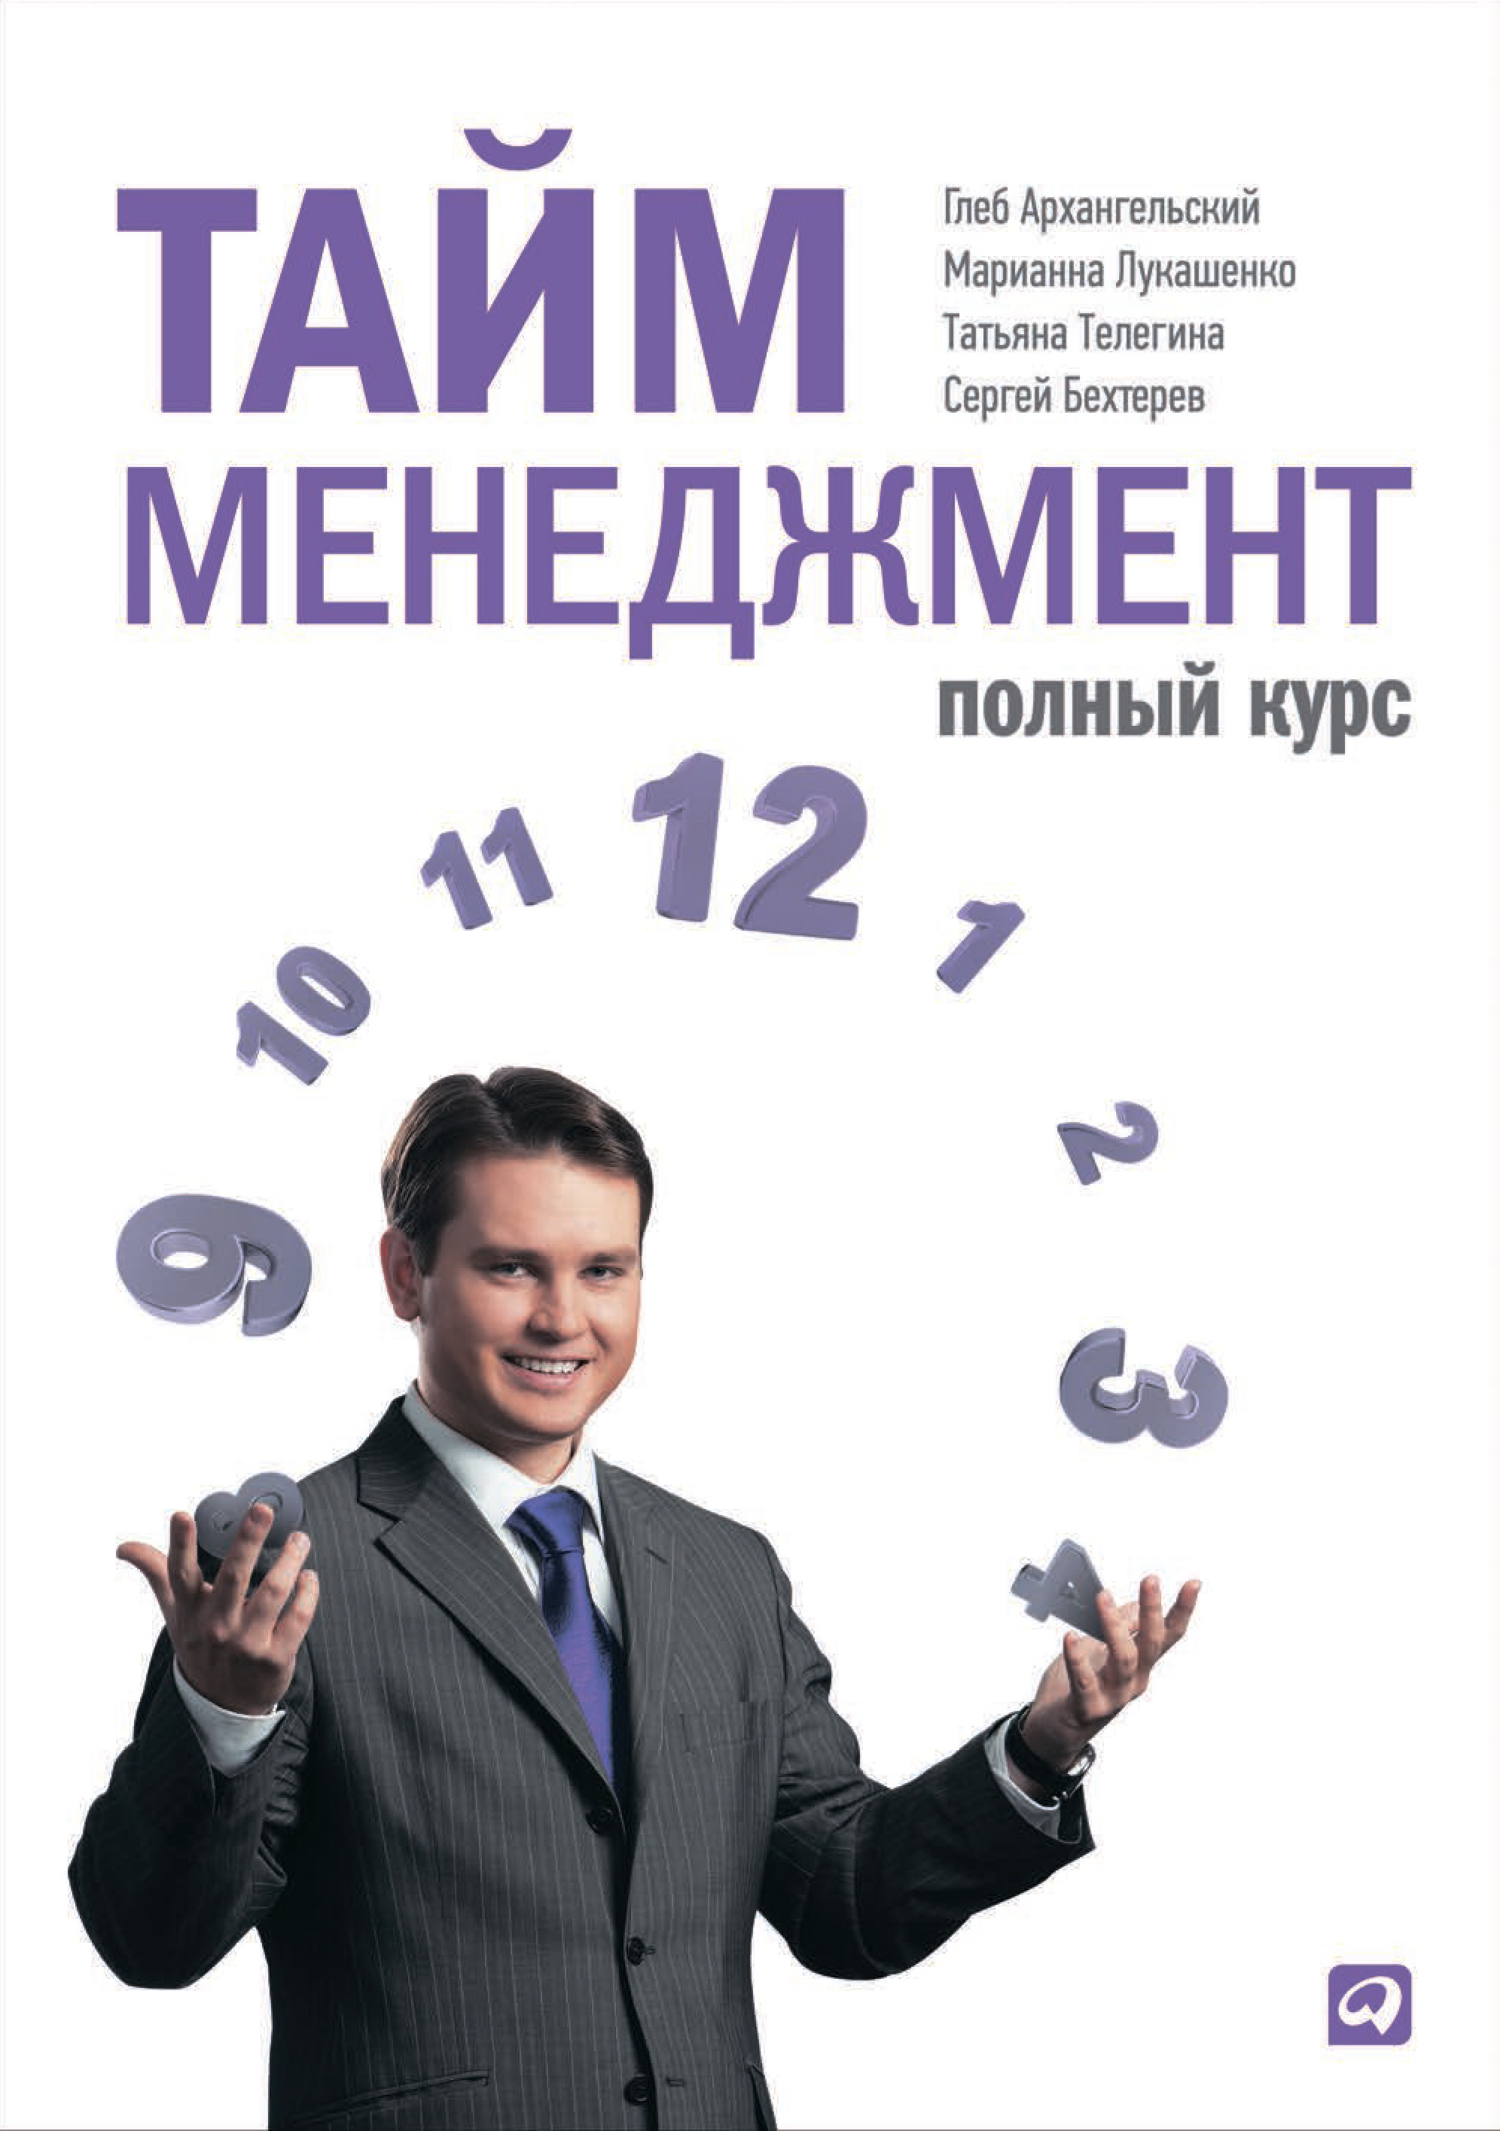 Обложка книги. Автор - Татьяна Телегина